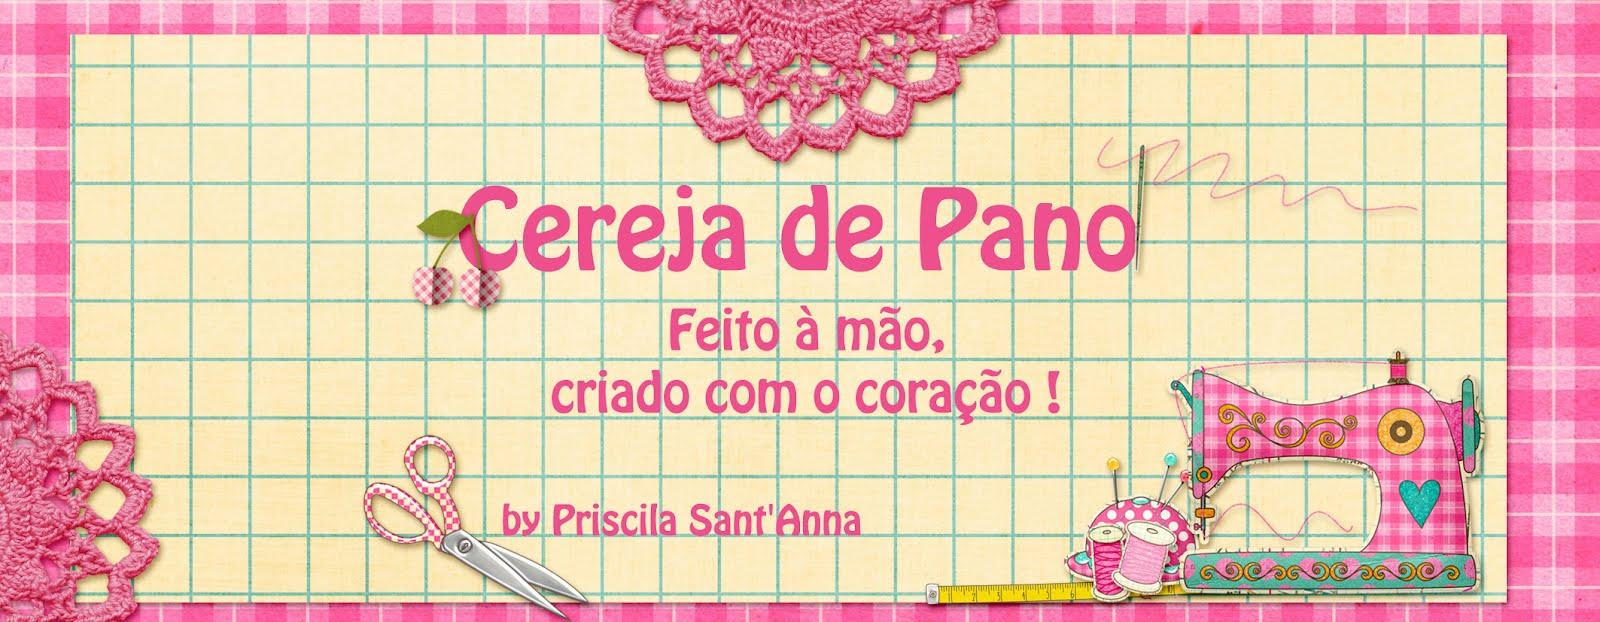 Cereja de Pano